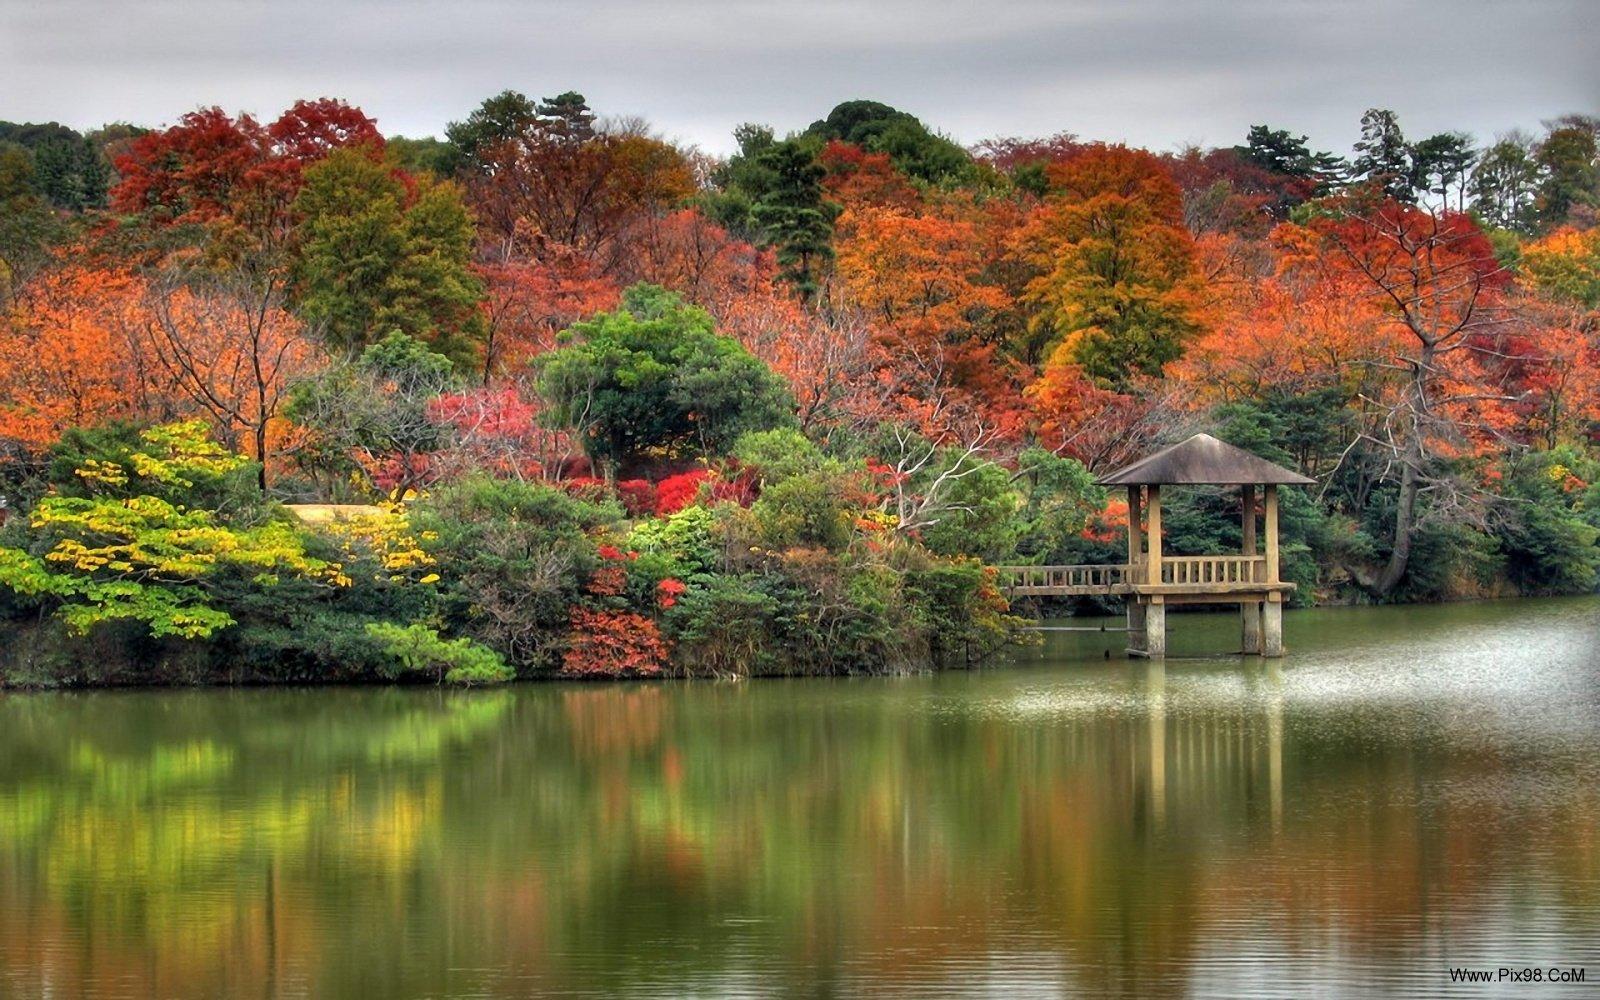 http://arashpic.persiangig.com/Nature/show/Www.Pix98.CoM_14.jpg